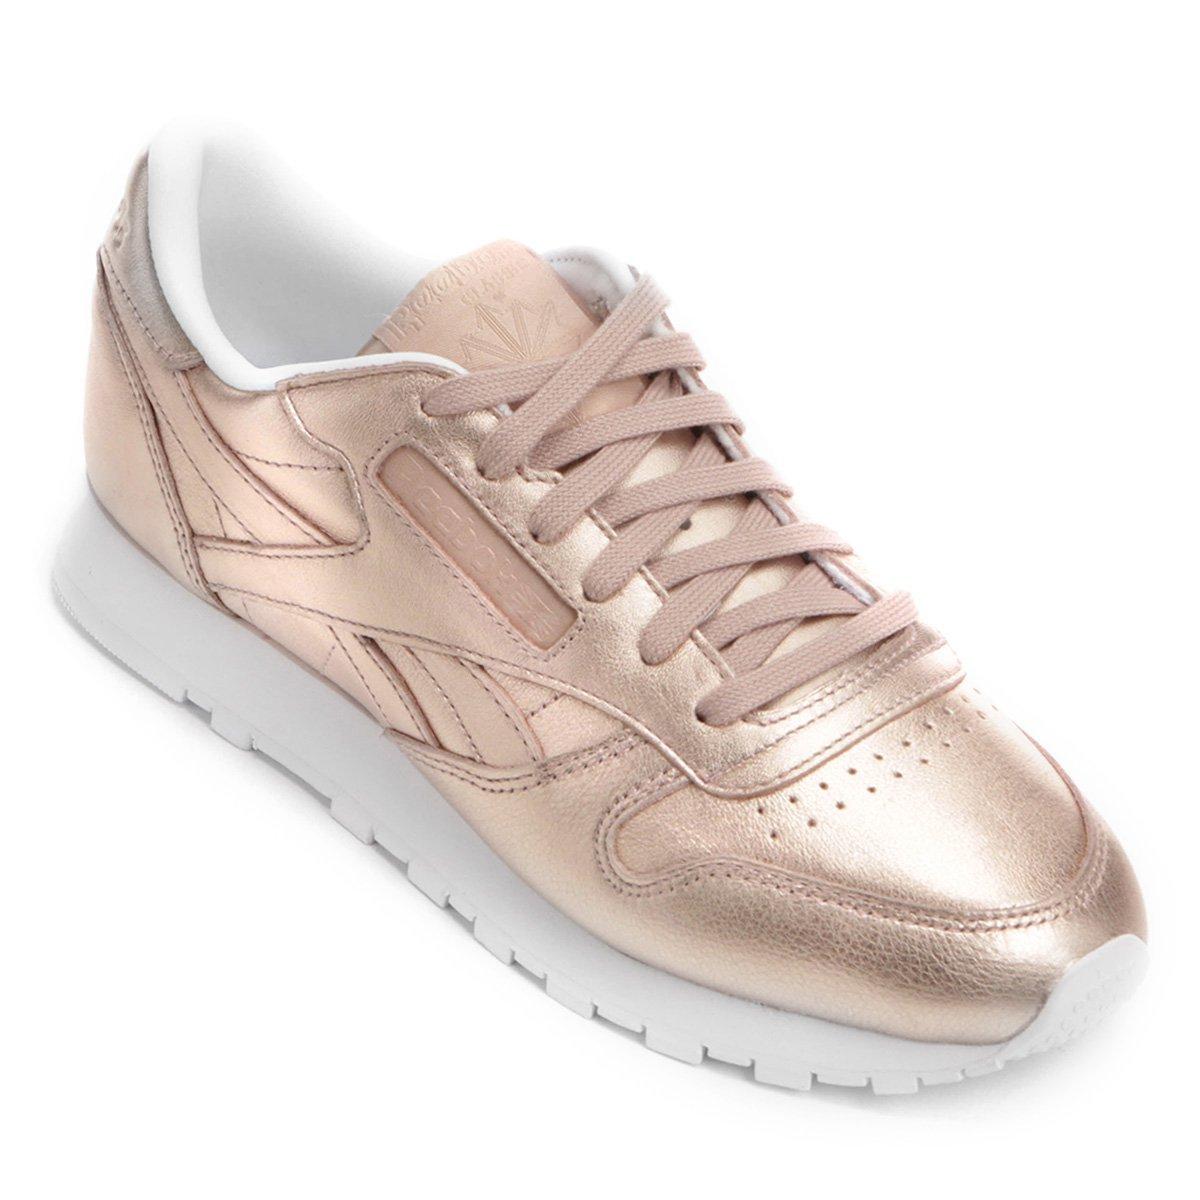 411e09e9d0 Tênis Reebok Cl Leather L Feminino - Ouro Rosa - Compre Agora